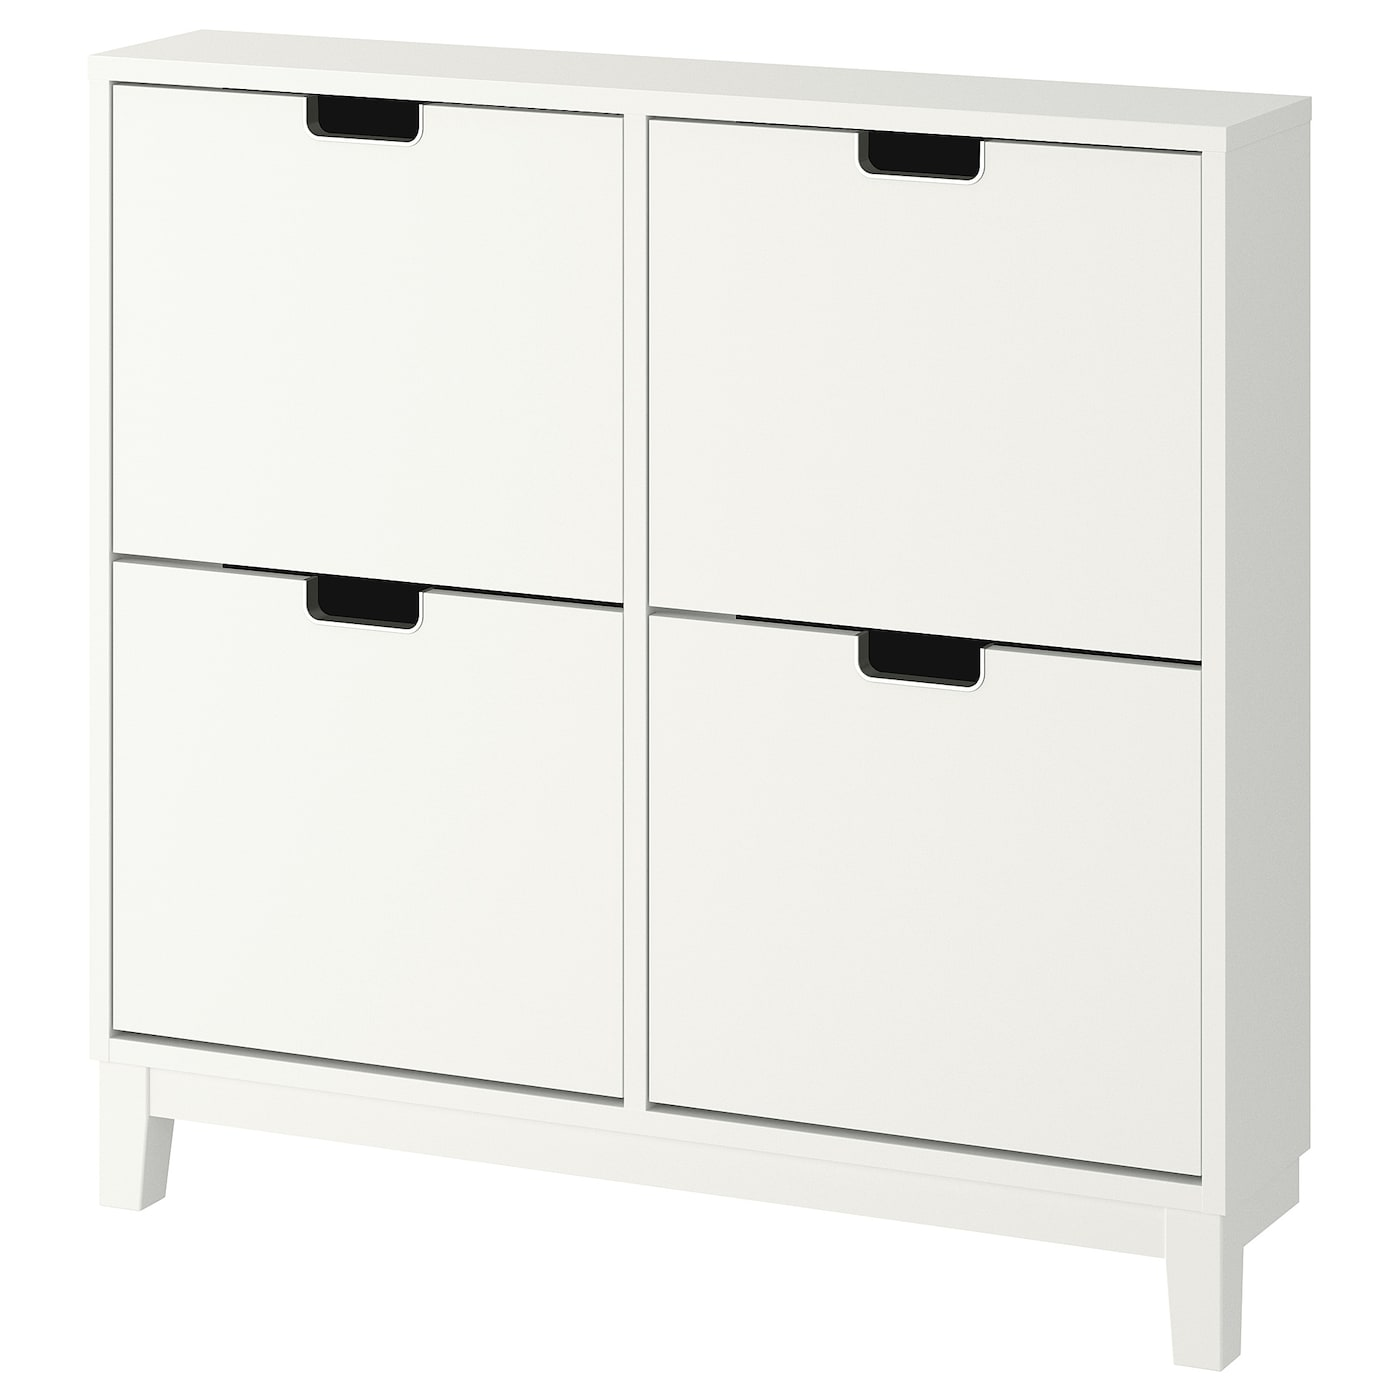 Schoenenkast Voor In De Hal.Schoenenkast Hal Ikea